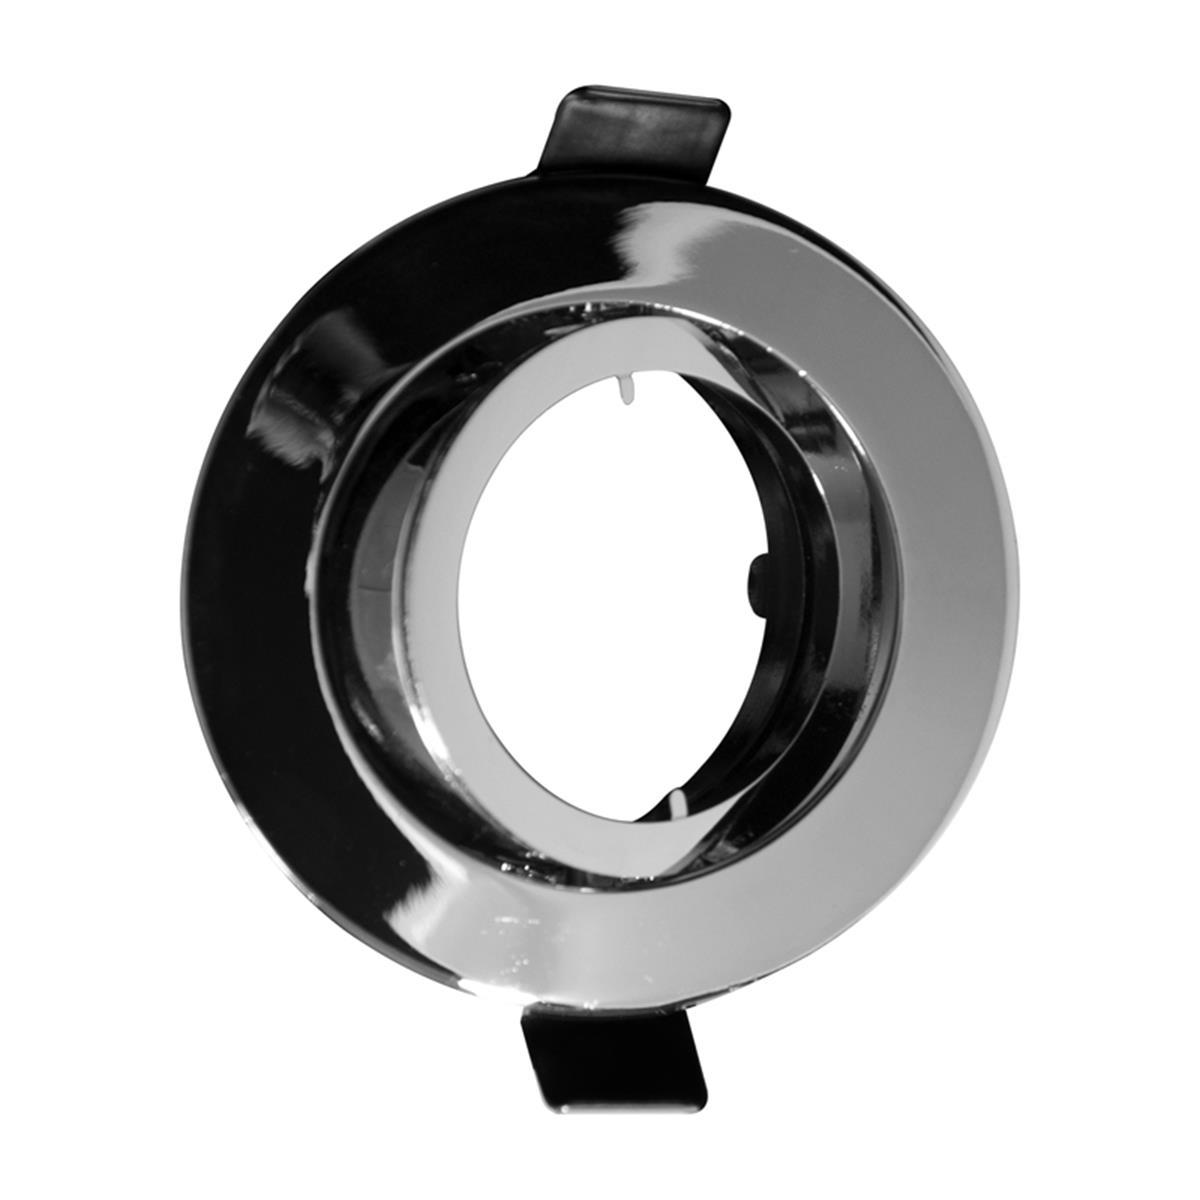 einbaurahmen alu chromoptik schwenkbar 68mm mit gu10 fassung f r par16 spots. Black Bedroom Furniture Sets. Home Design Ideas